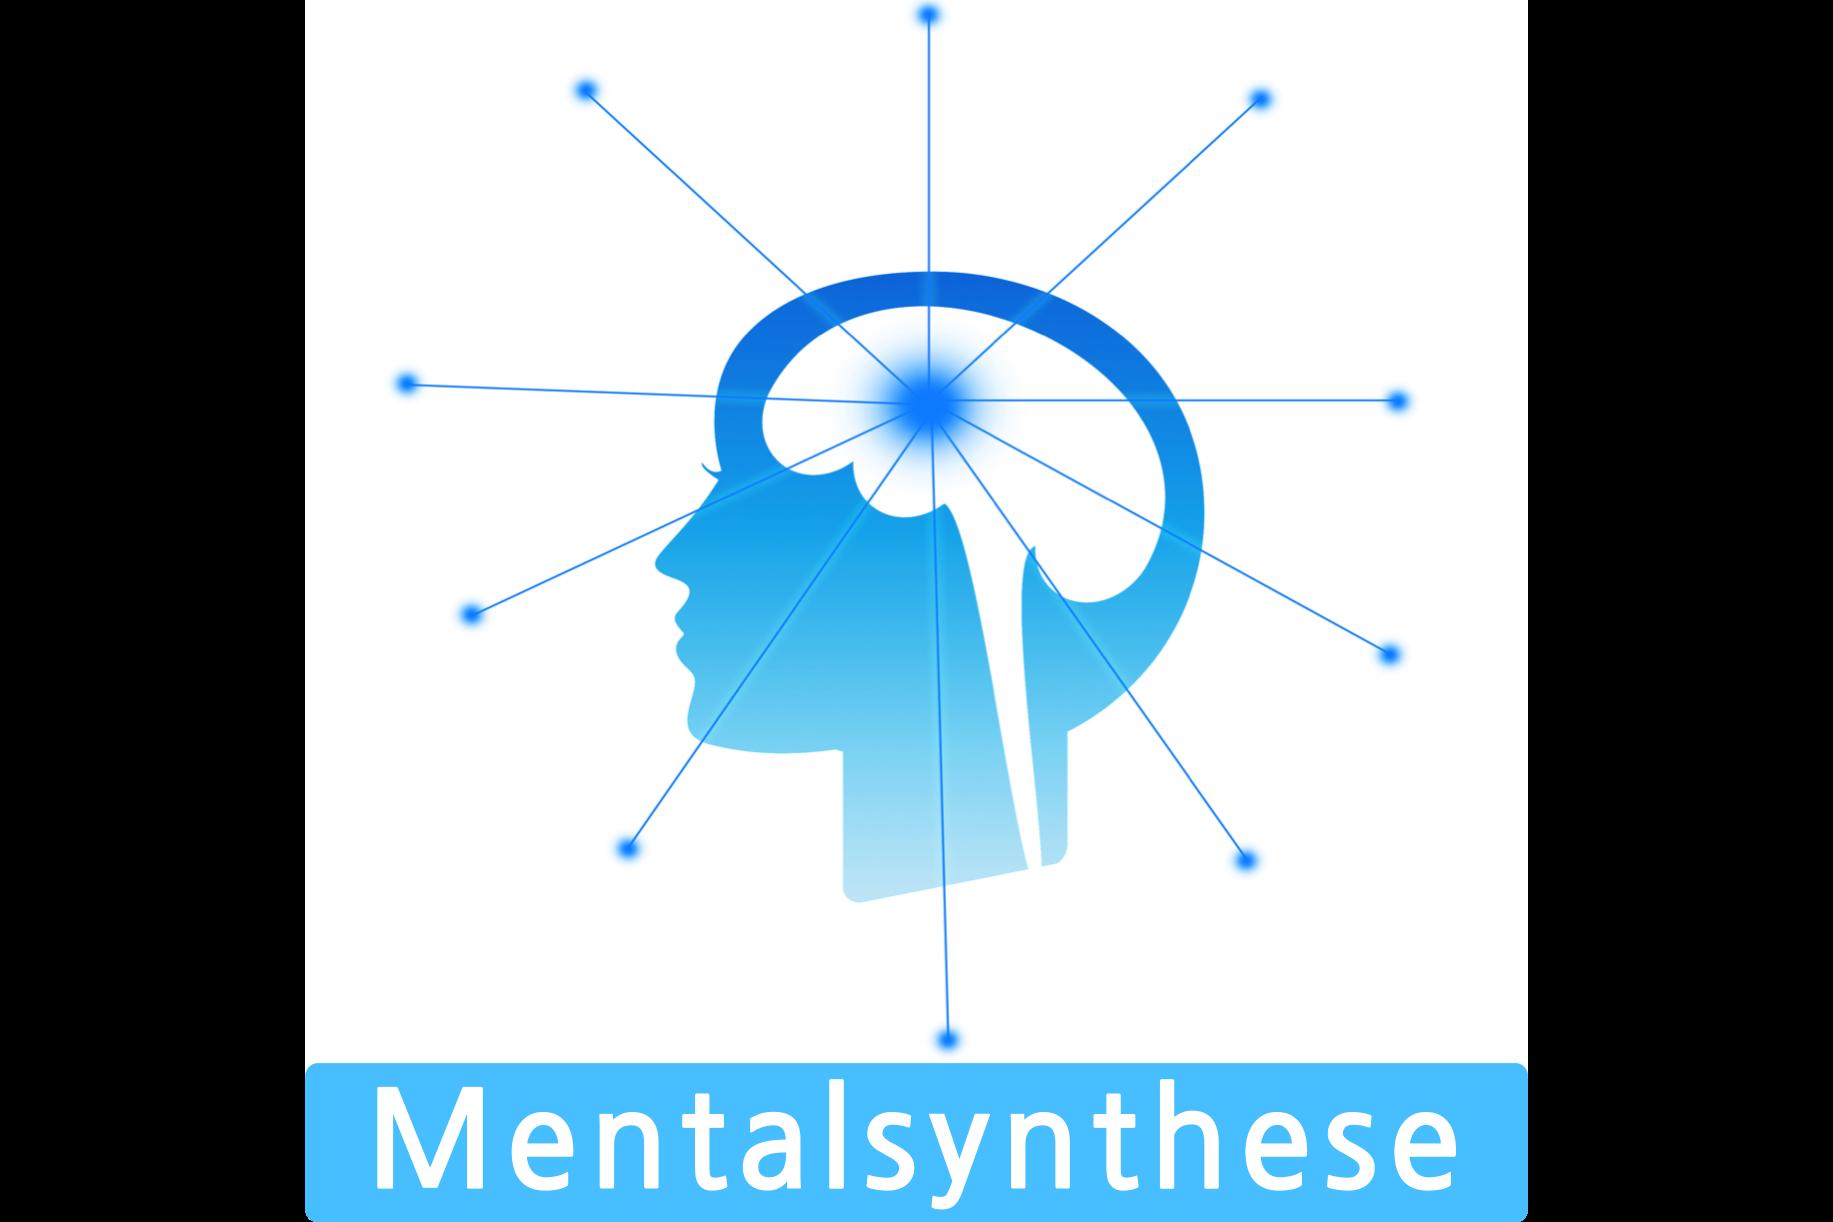 Mentalsynthese Neu3 Horizental